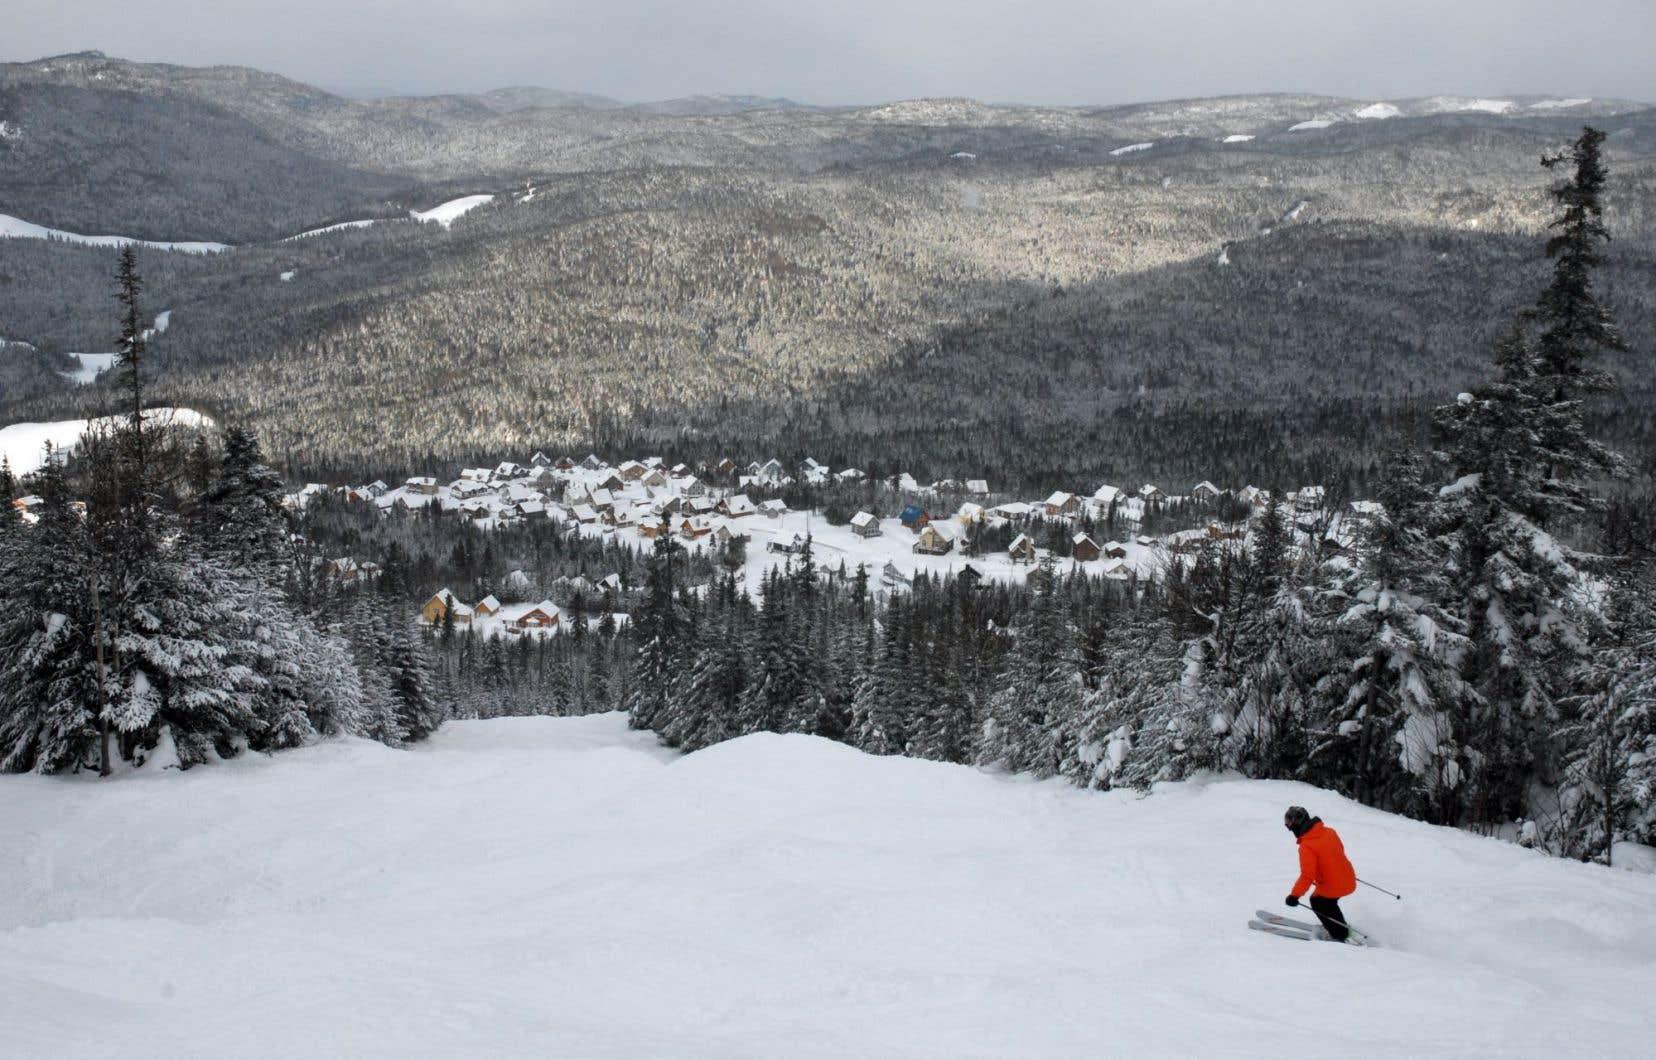 Perché à 800 mètres d'altitude, dans un splendide cadre nimbé d'un microclimat, le Valinouët reçoit la bagatelle de six mètres de neige annuellement — neuf en 2008! —, contre trois mètres en moyenne ailleurs dans la blanche province.